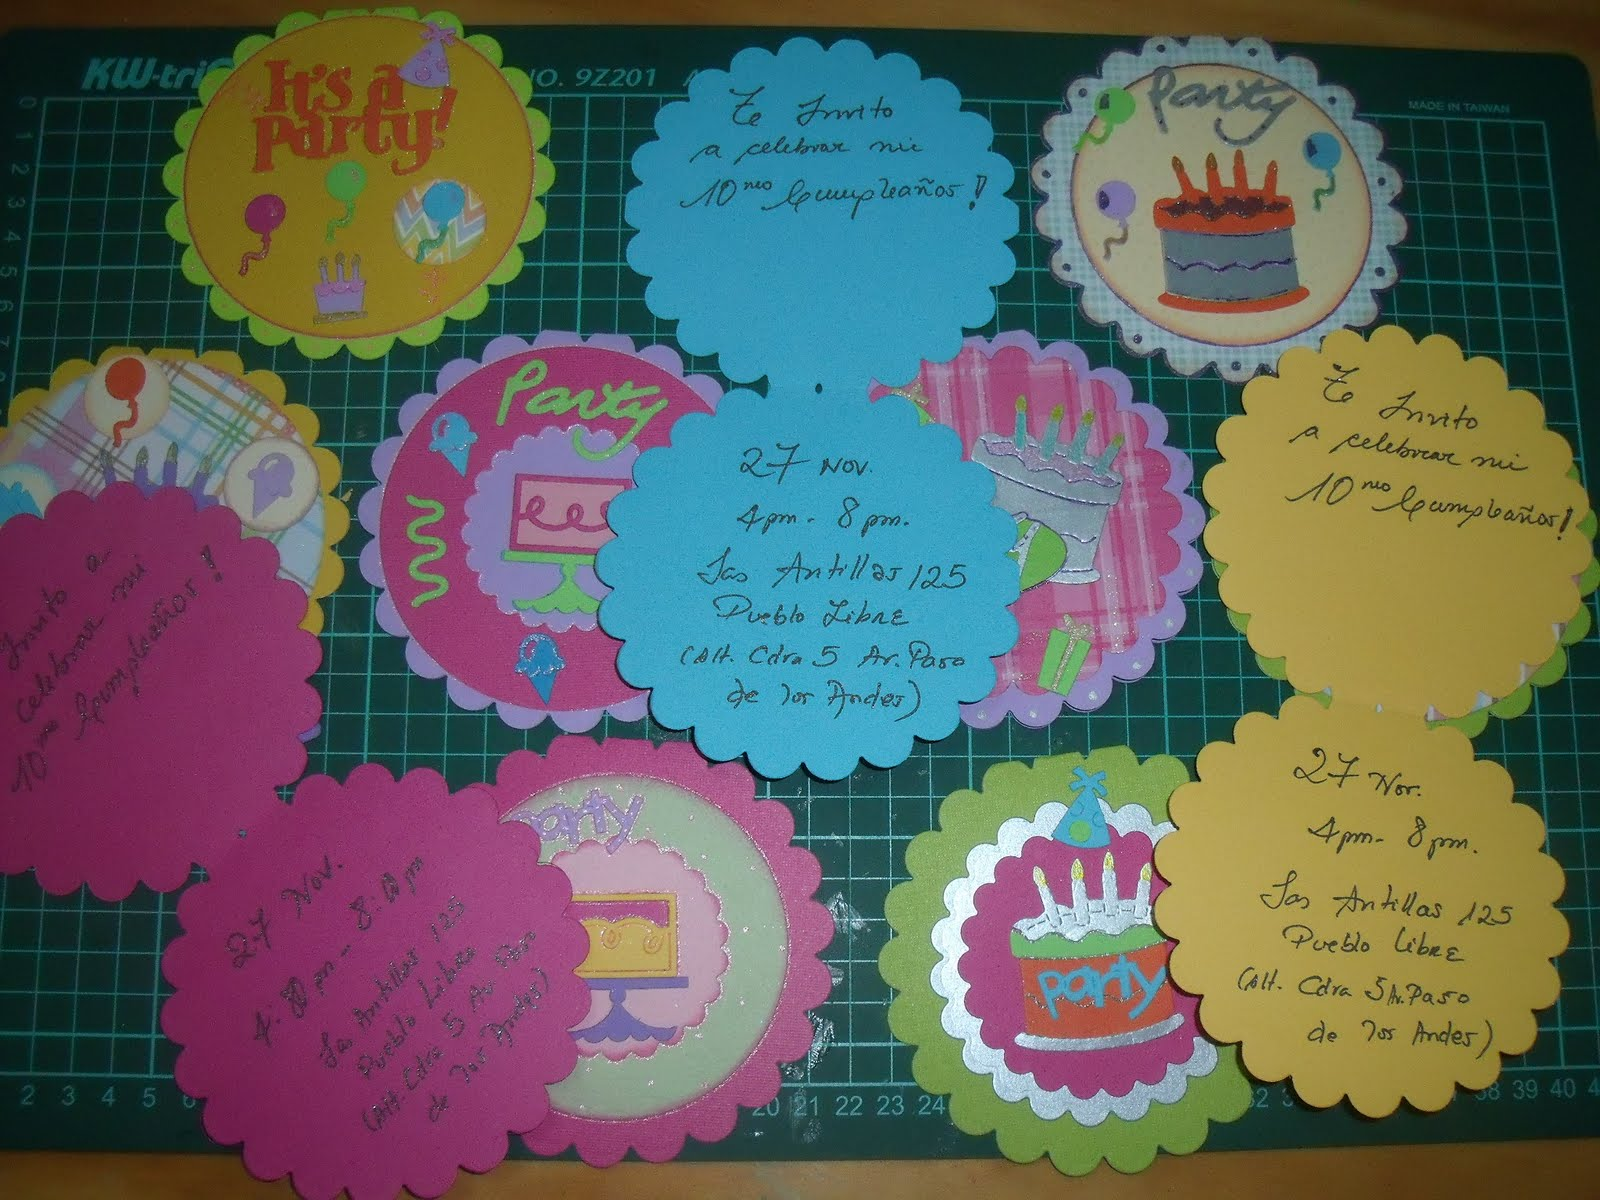 ... Lima - Peru: Invitación de Cumpleaños con SCRAPBOOKING